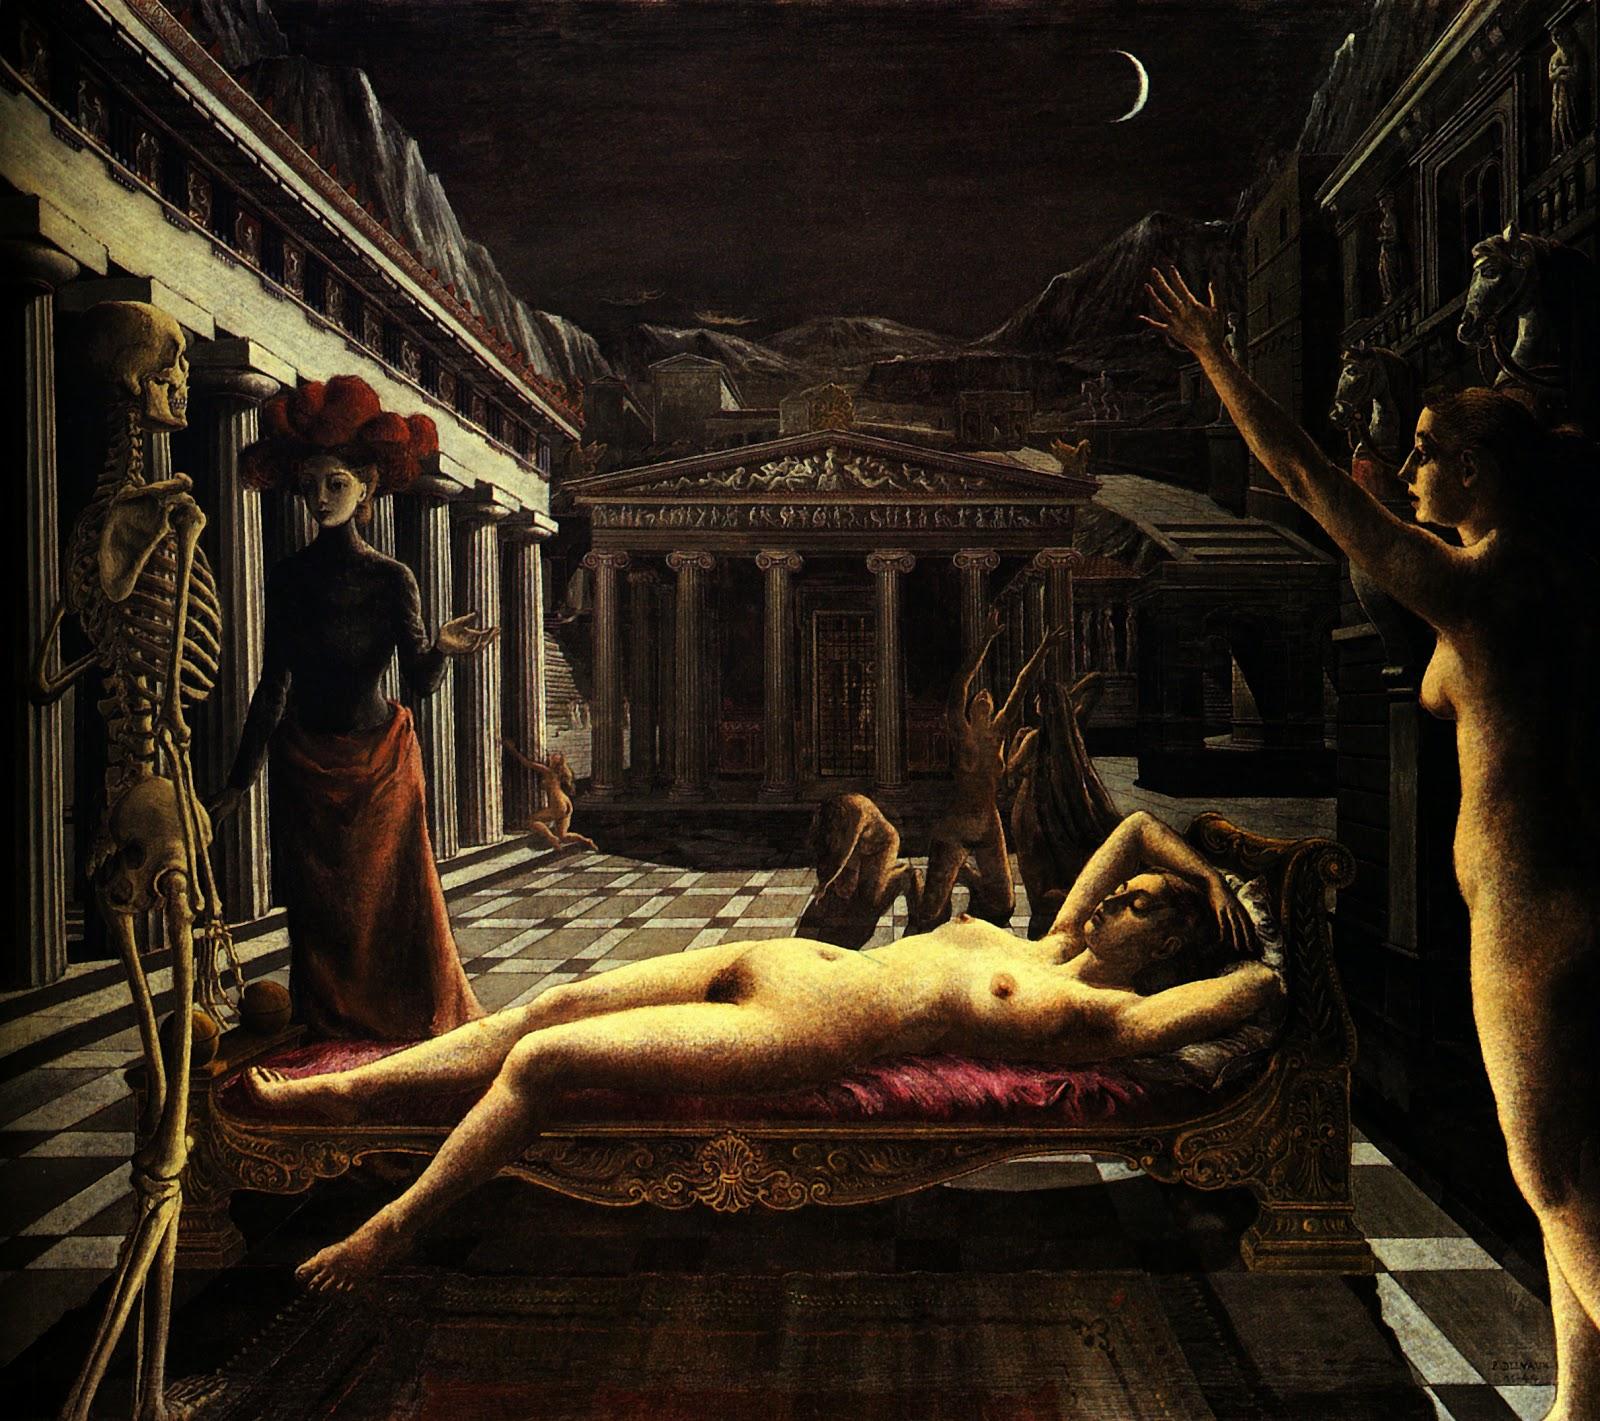 La Venus Endormie (Paul Delvaux, 1944)